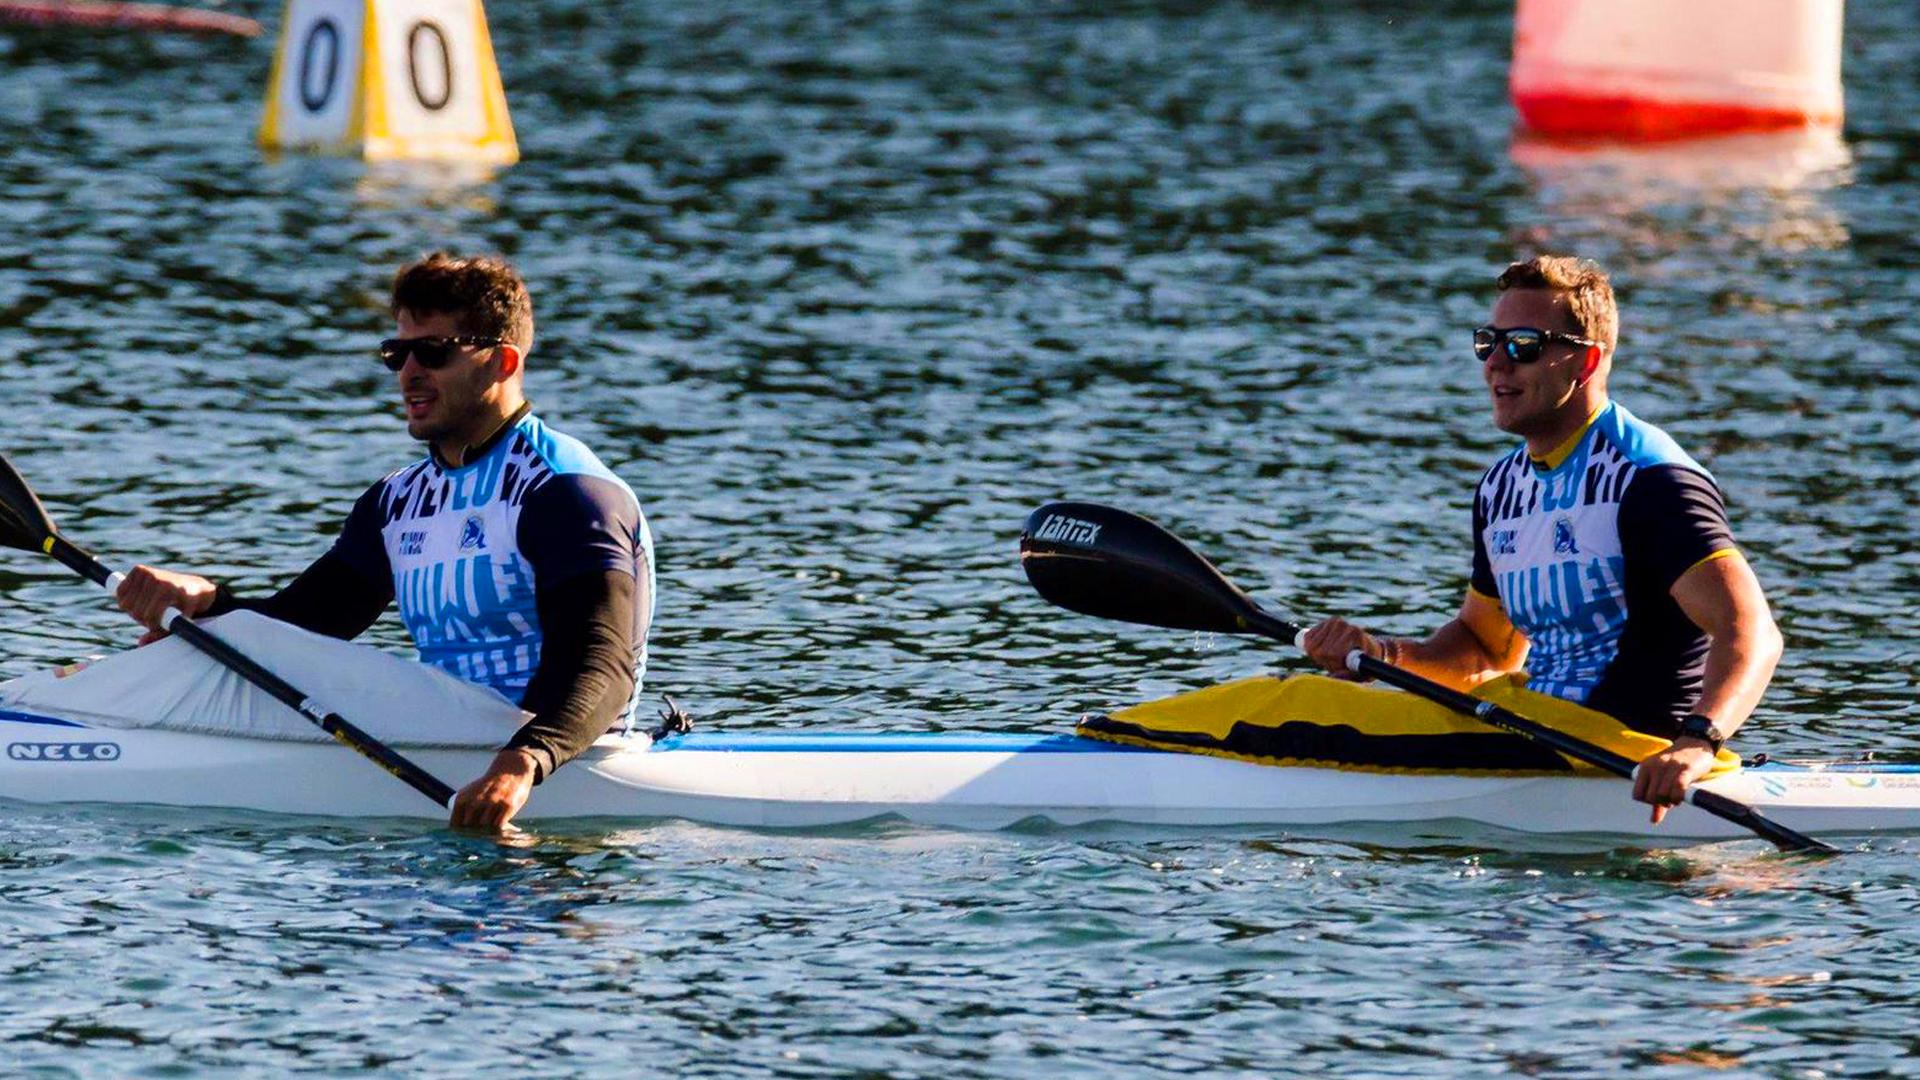 El Fluvial noveno en la clasificación por clubs hombres seniro en la 2ª Copa de España de Sprint Olímpico